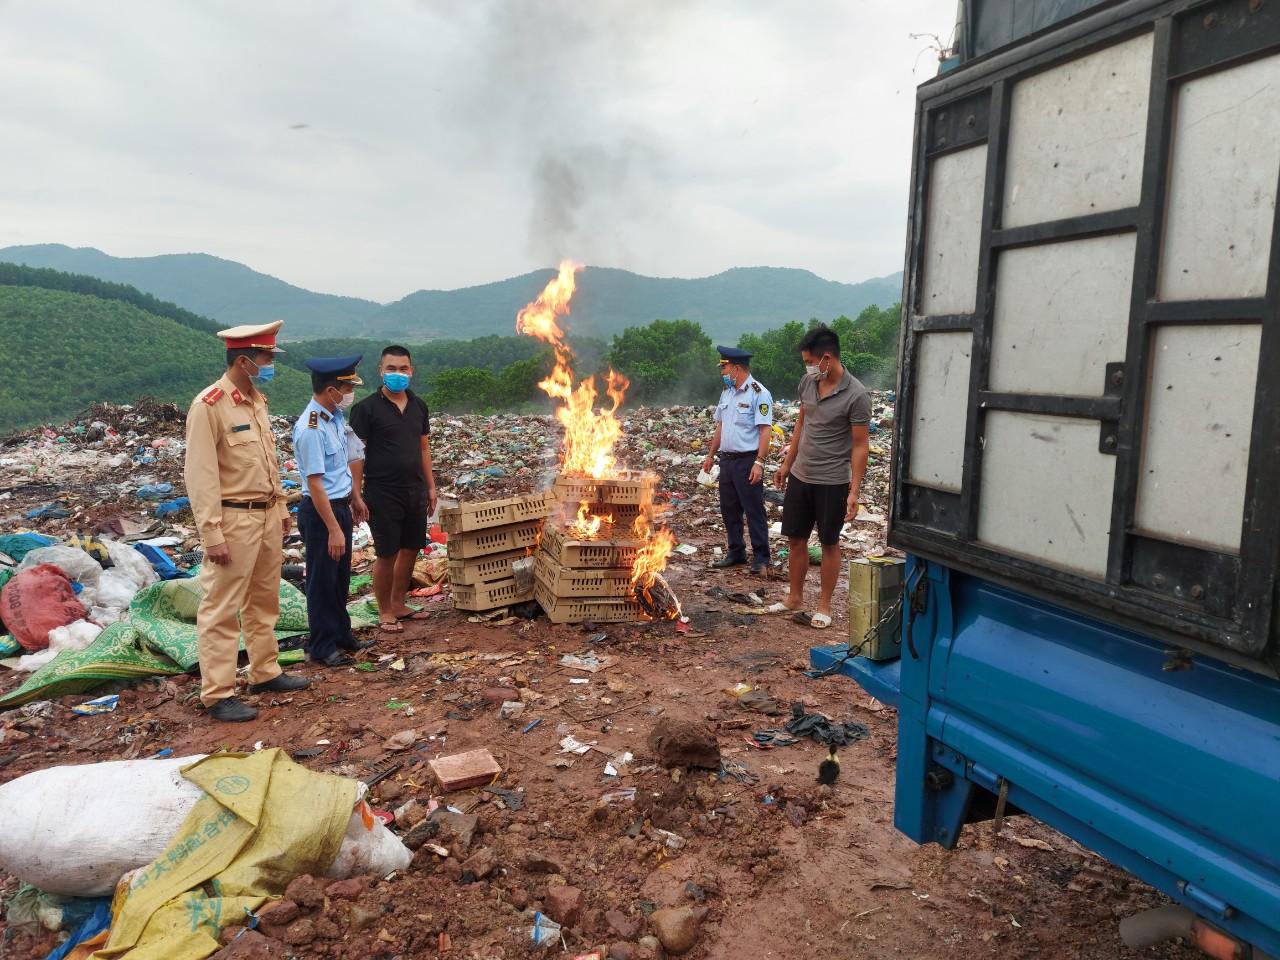 Cục QLTT Quảng Ninh: Tiếp tục phát hiện, thu giữ, tiêu hủy hàng nghìn con gia cầm giống không rõ nguồn gốc xuất xứ